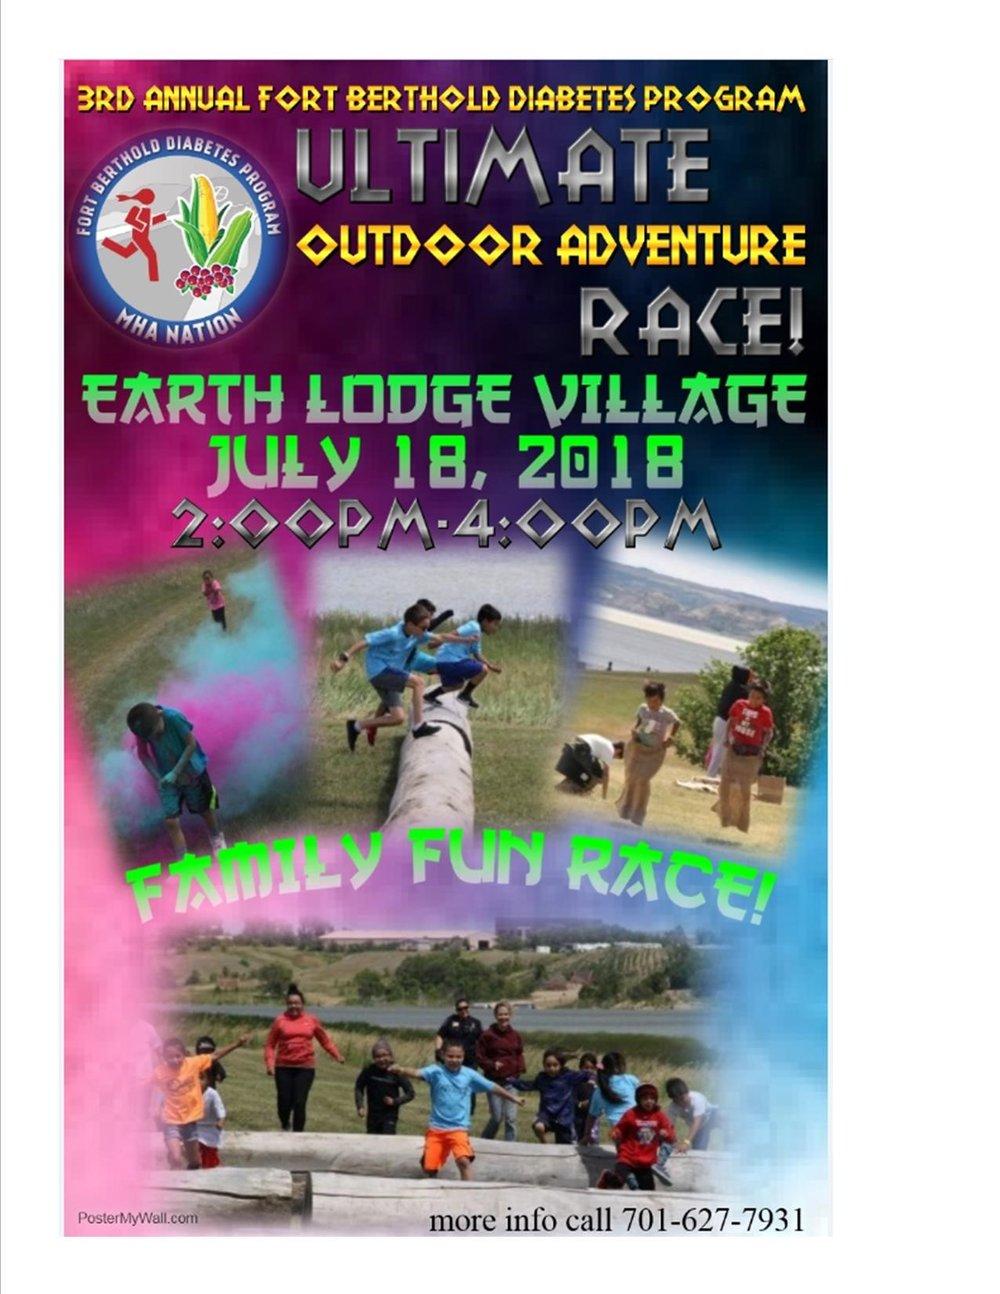 Adventure Race July 18 2018.jpg